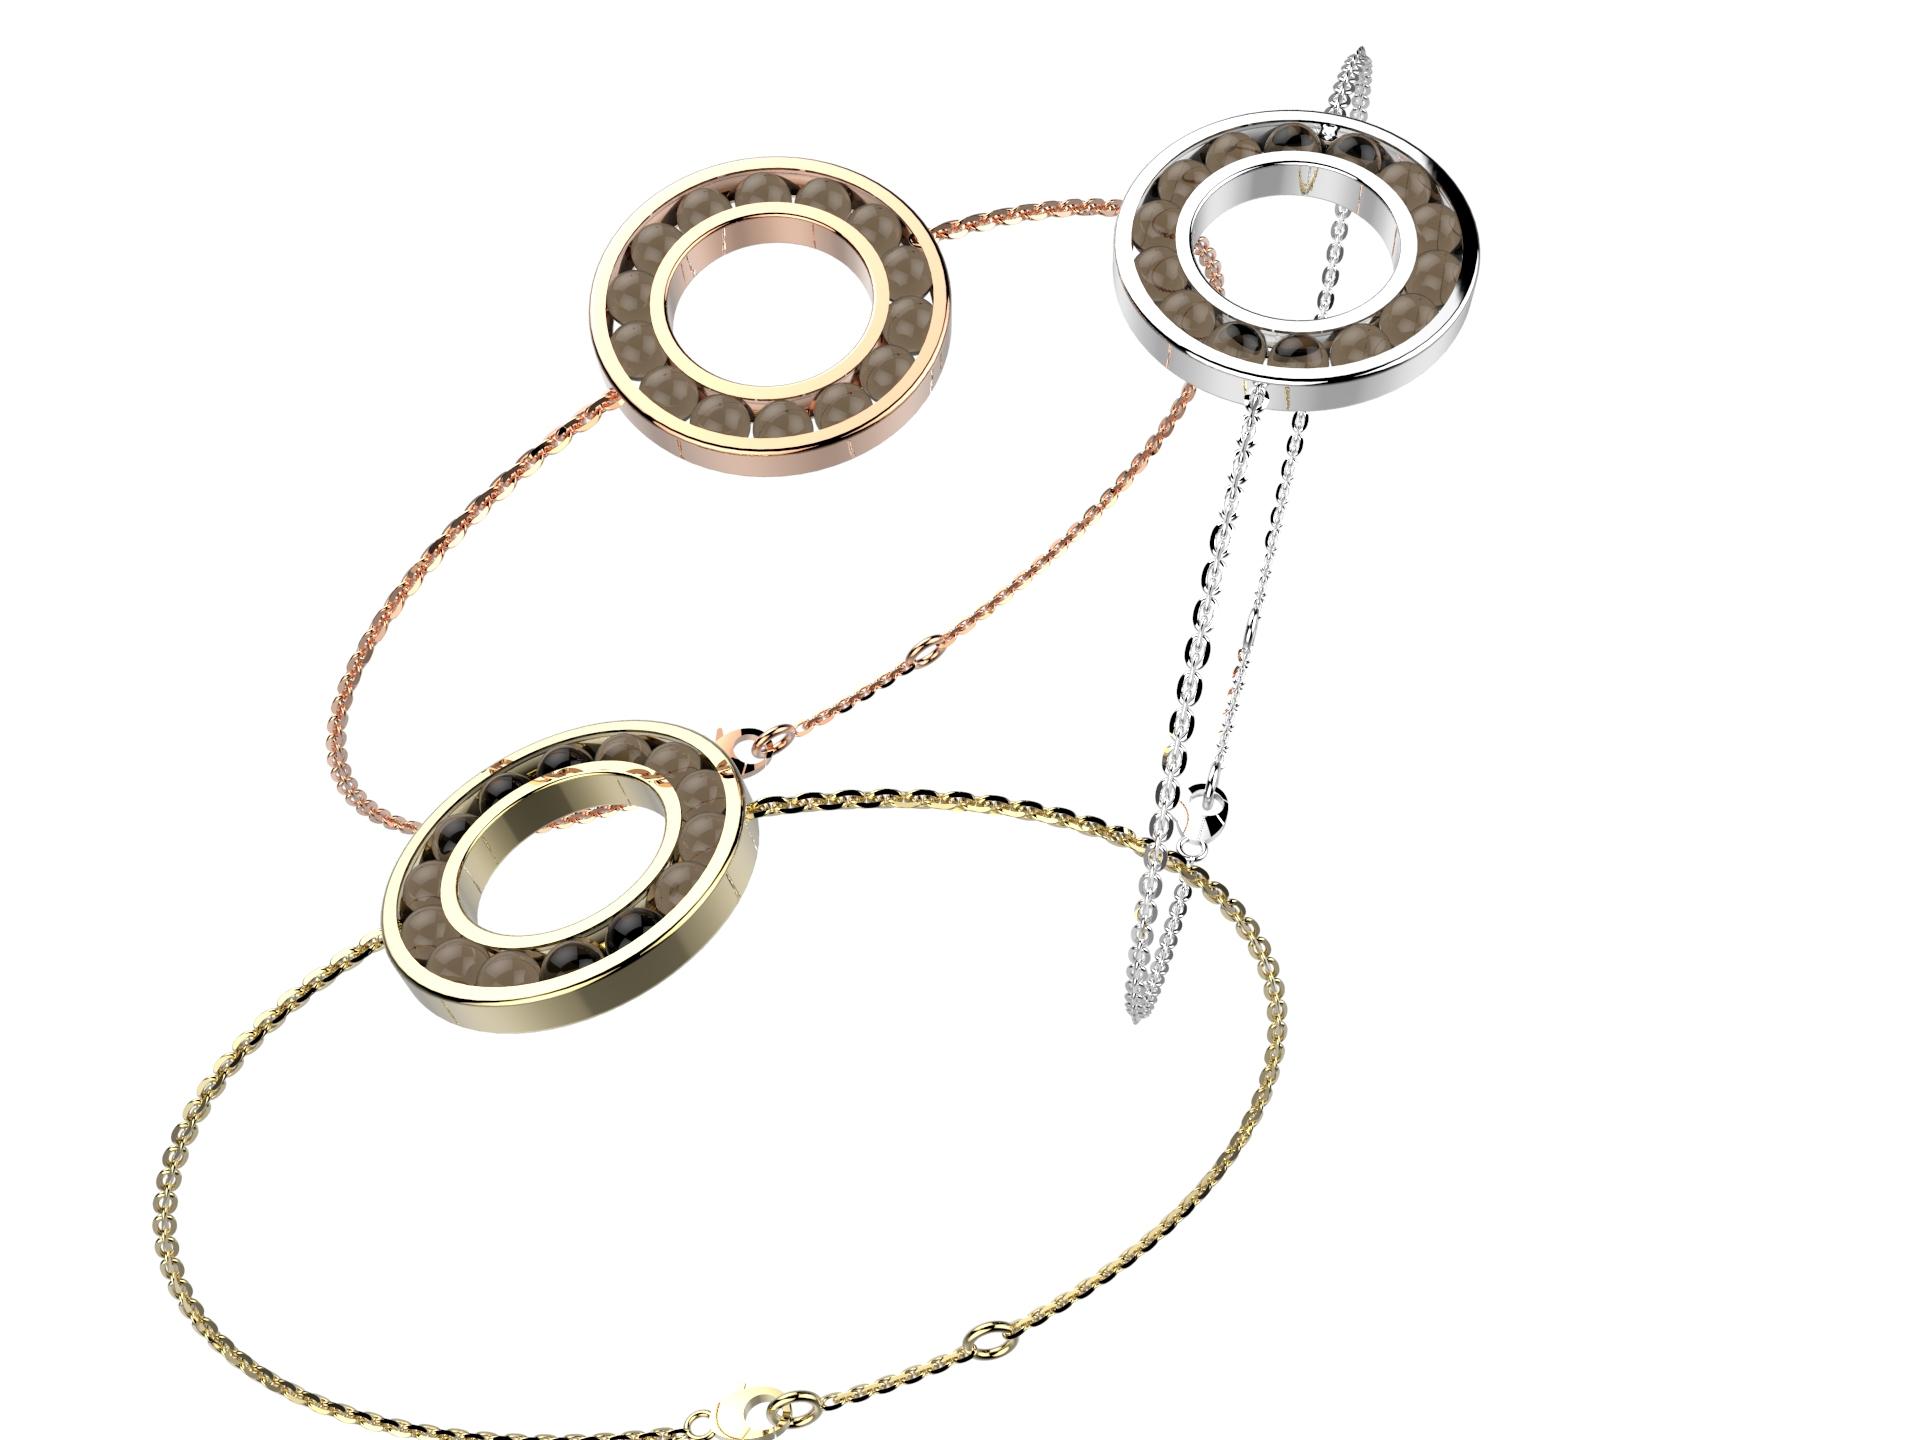 Bracelet chaine or qz fumé 720 €